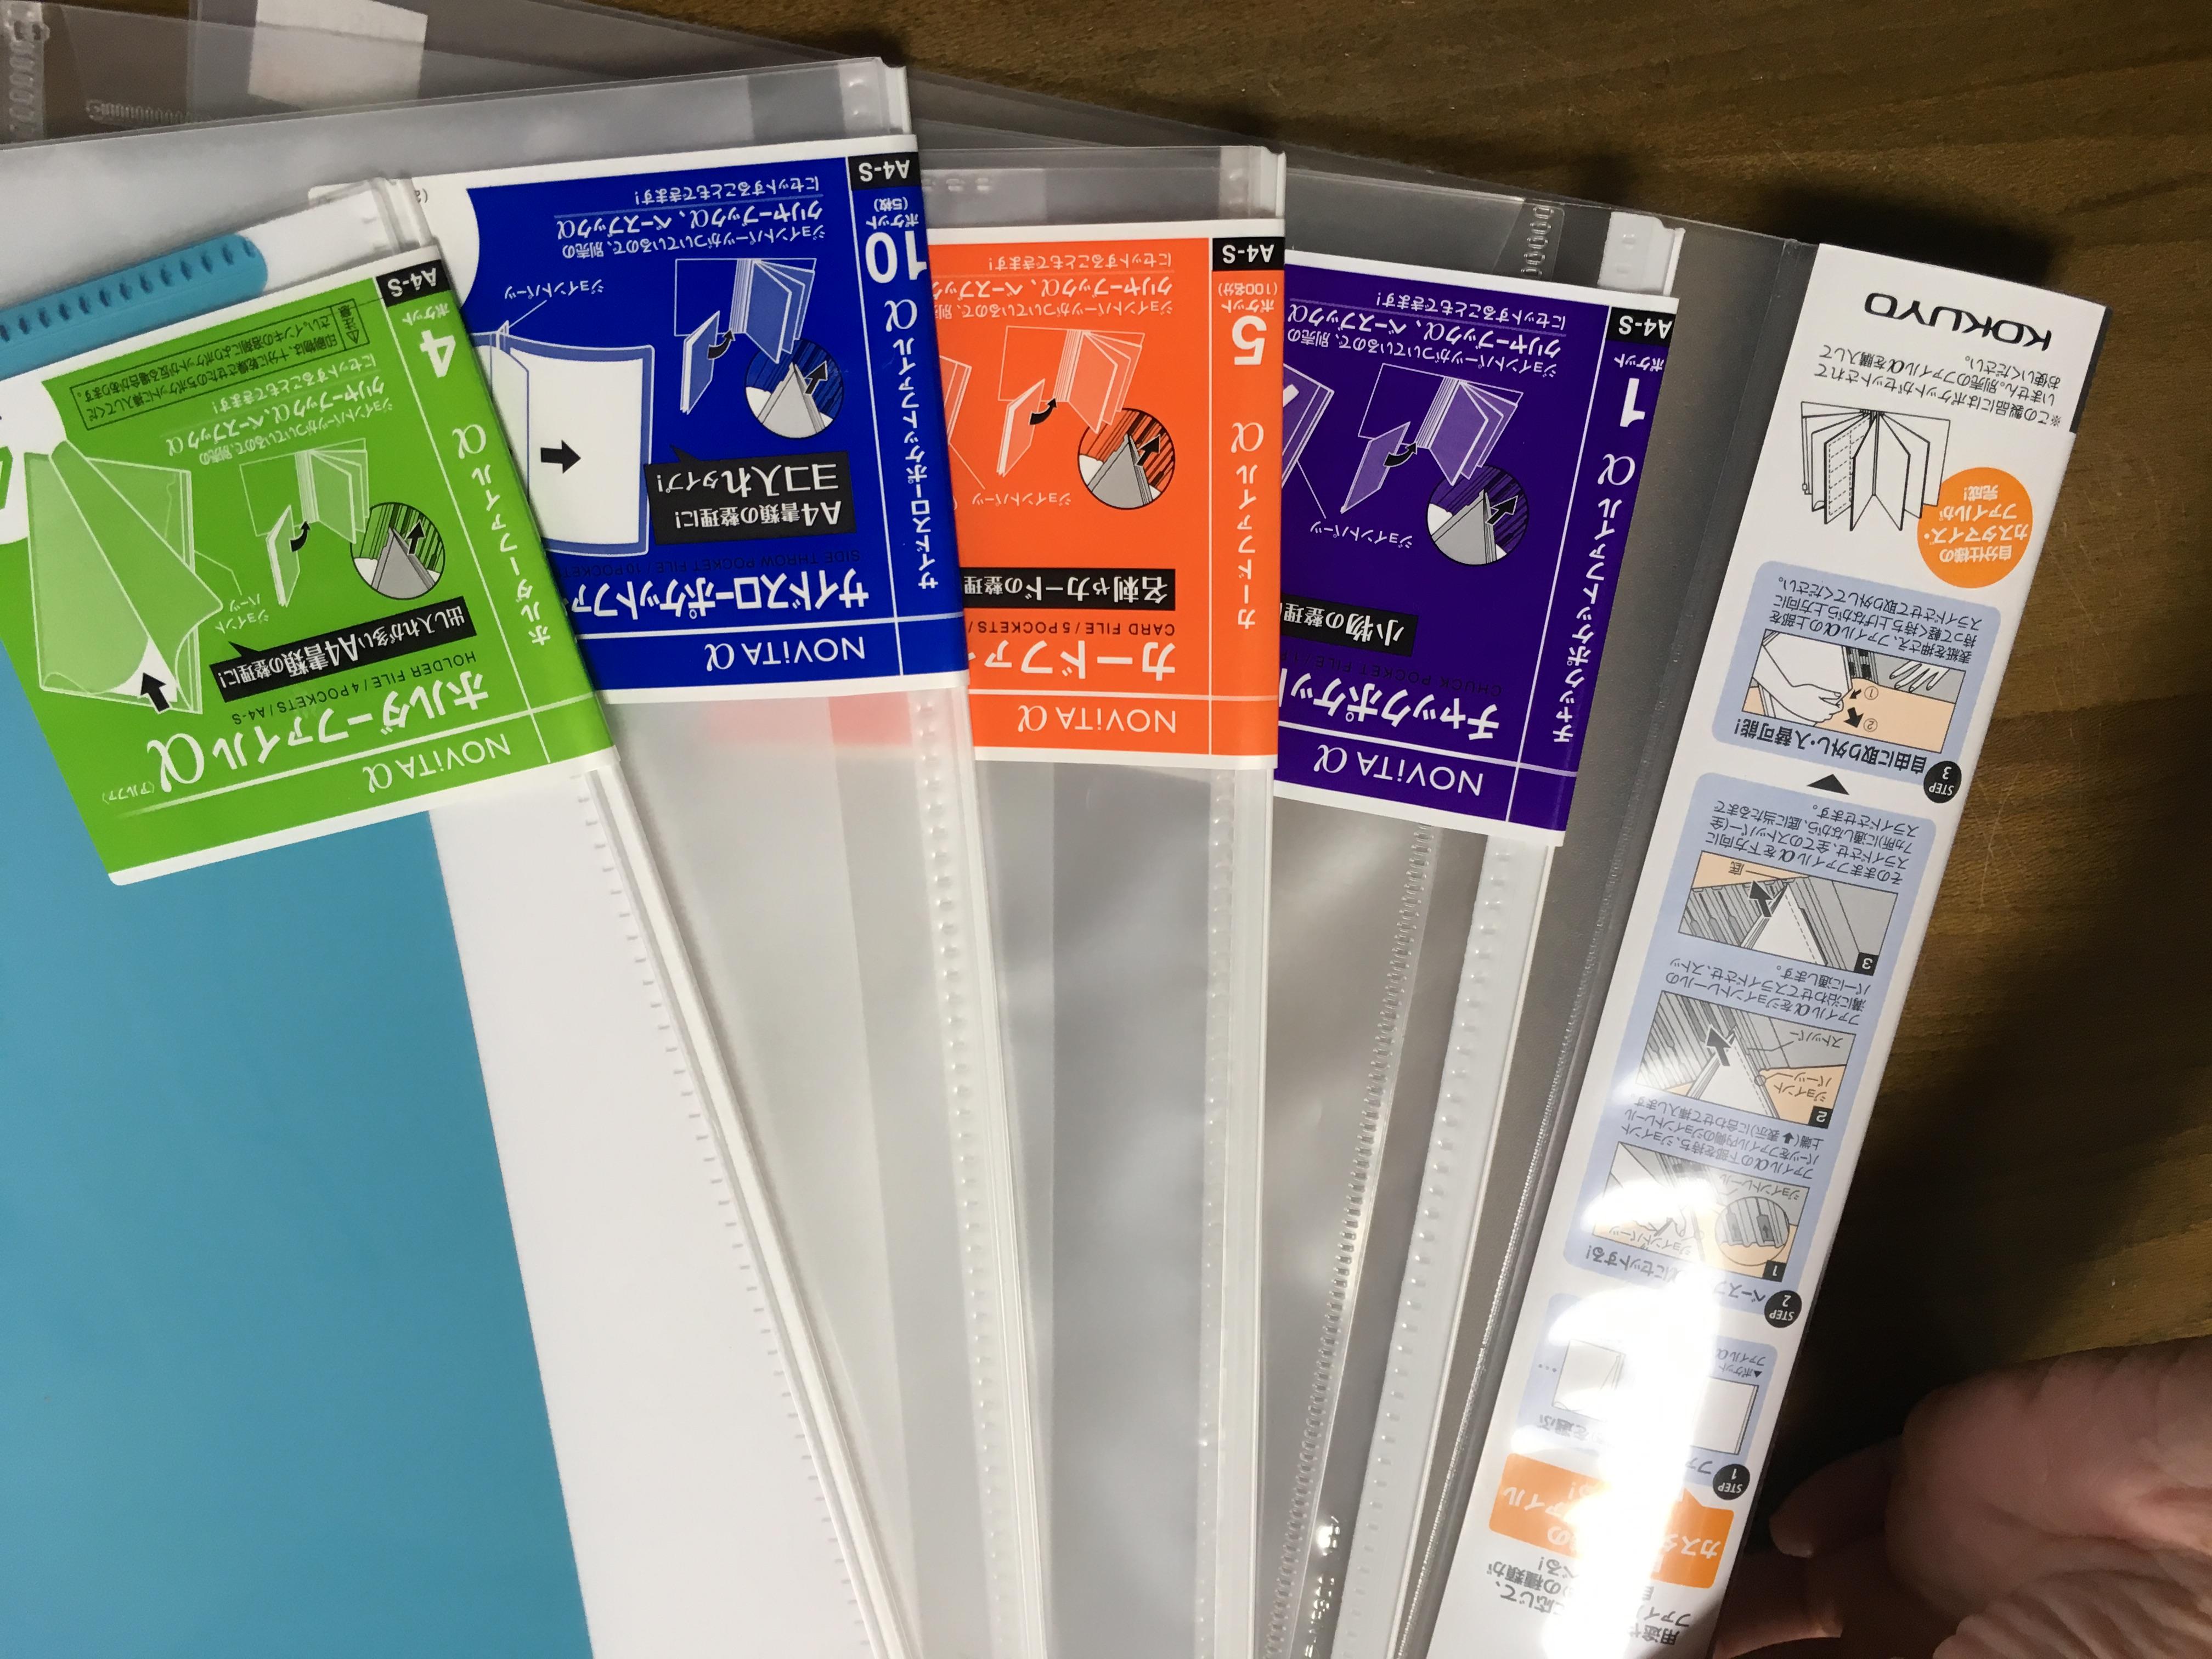 刺繍道具持ち歩きにコクヨ「ノビータαシリーズ」事務用ファイルを使ってみました。